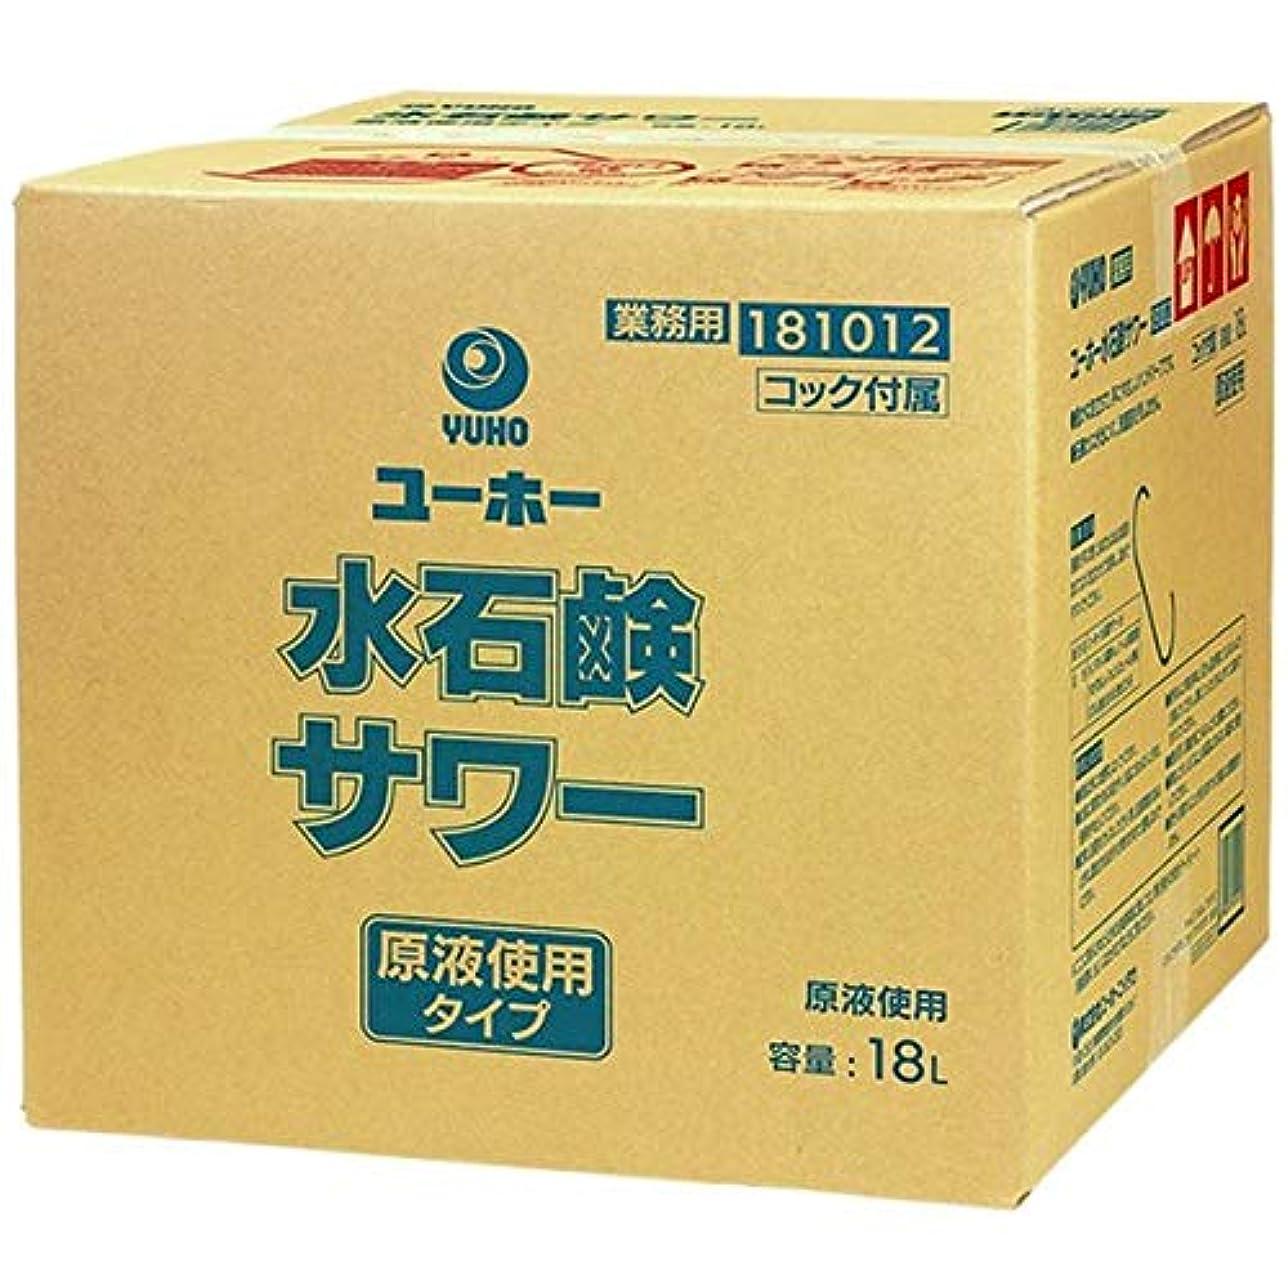 試用カニ多様体業務用 ハンドソープ 水石鹸サワー 原液タイプ 18L 181011 (希釈しないで使用できる原液タイプのハンドソープ)